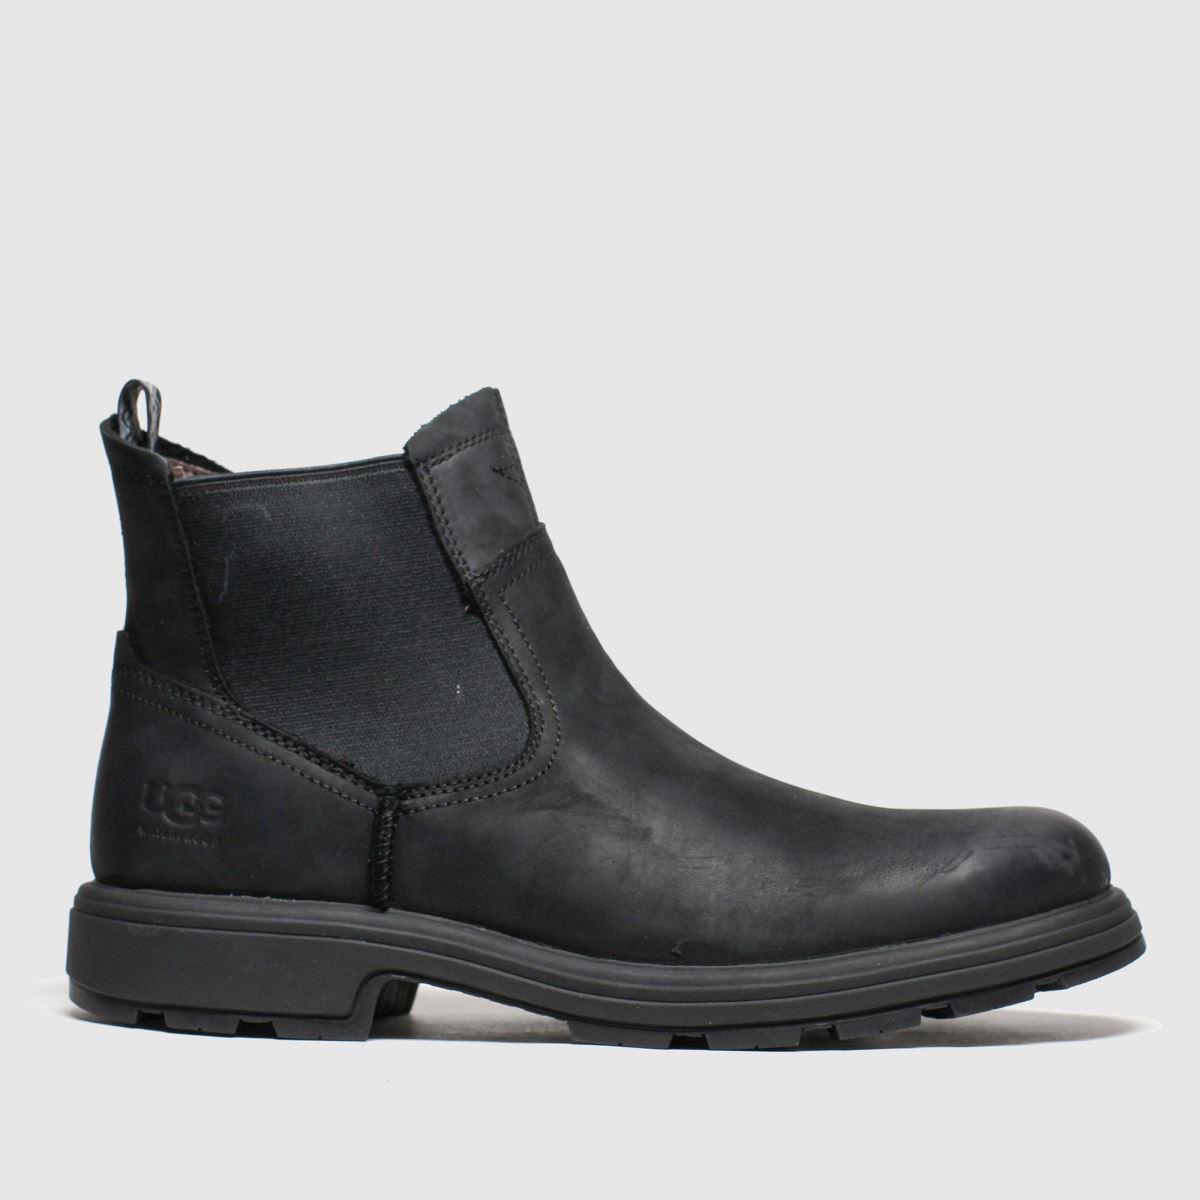 Ugg Black Biltmore Chelsea Boots